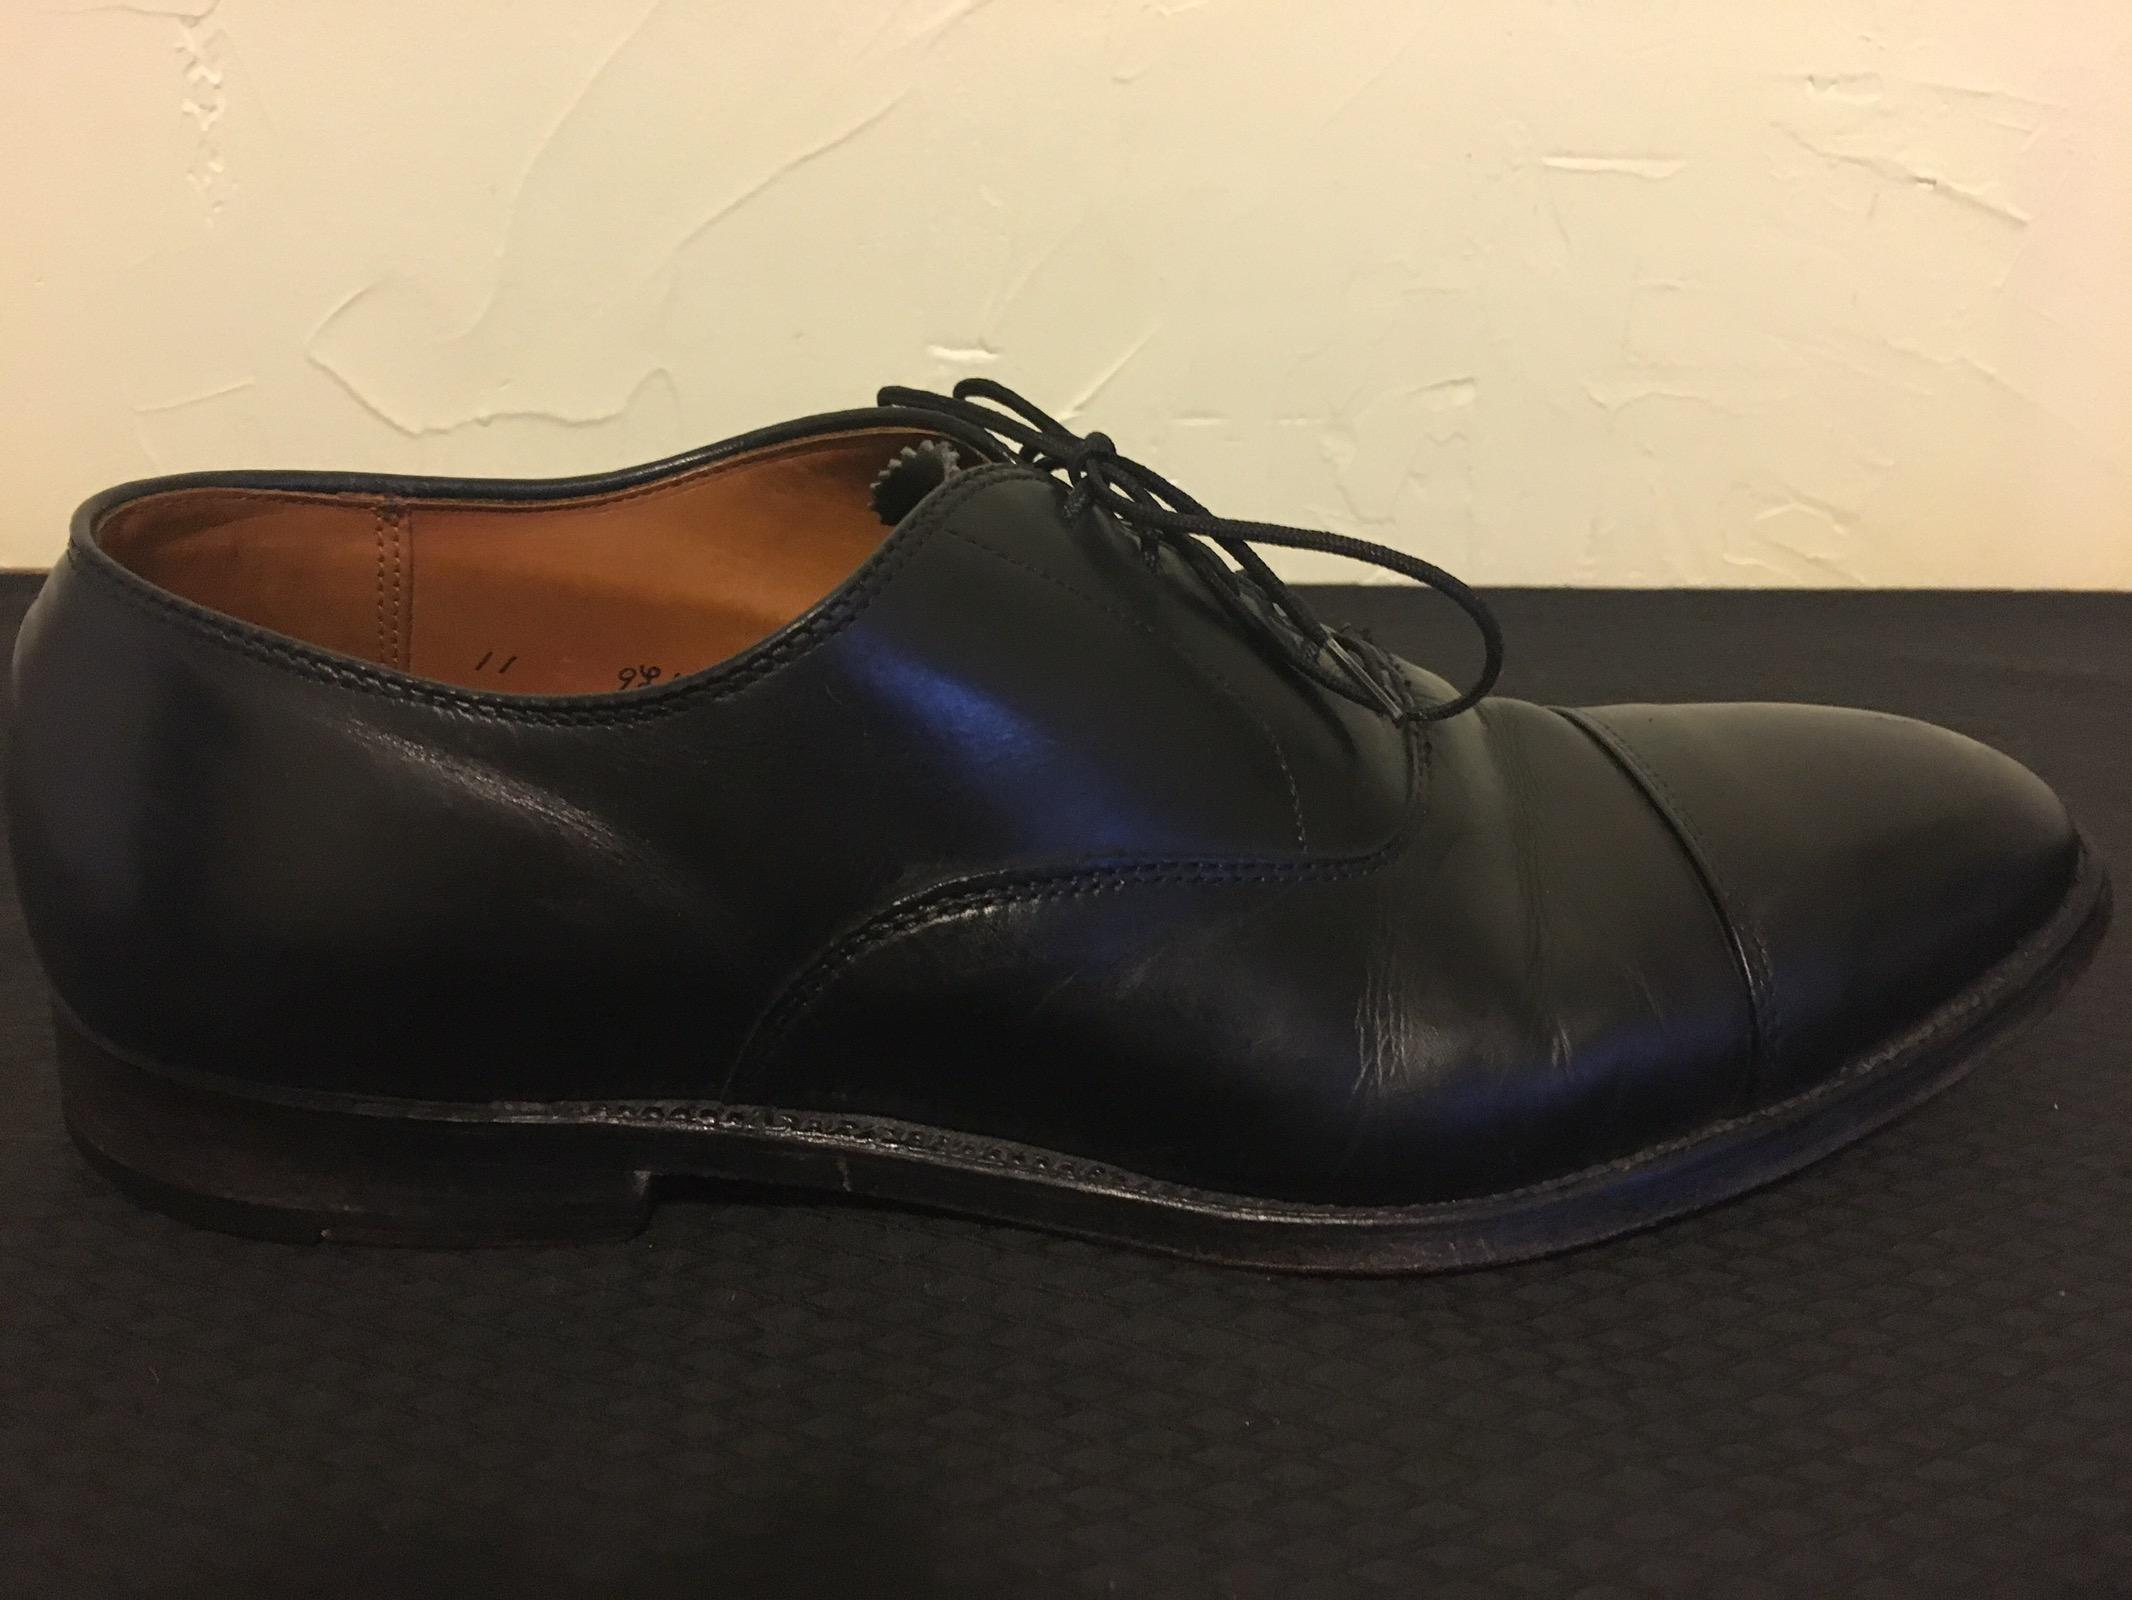 8837d1438f26 Alden Shoes 4